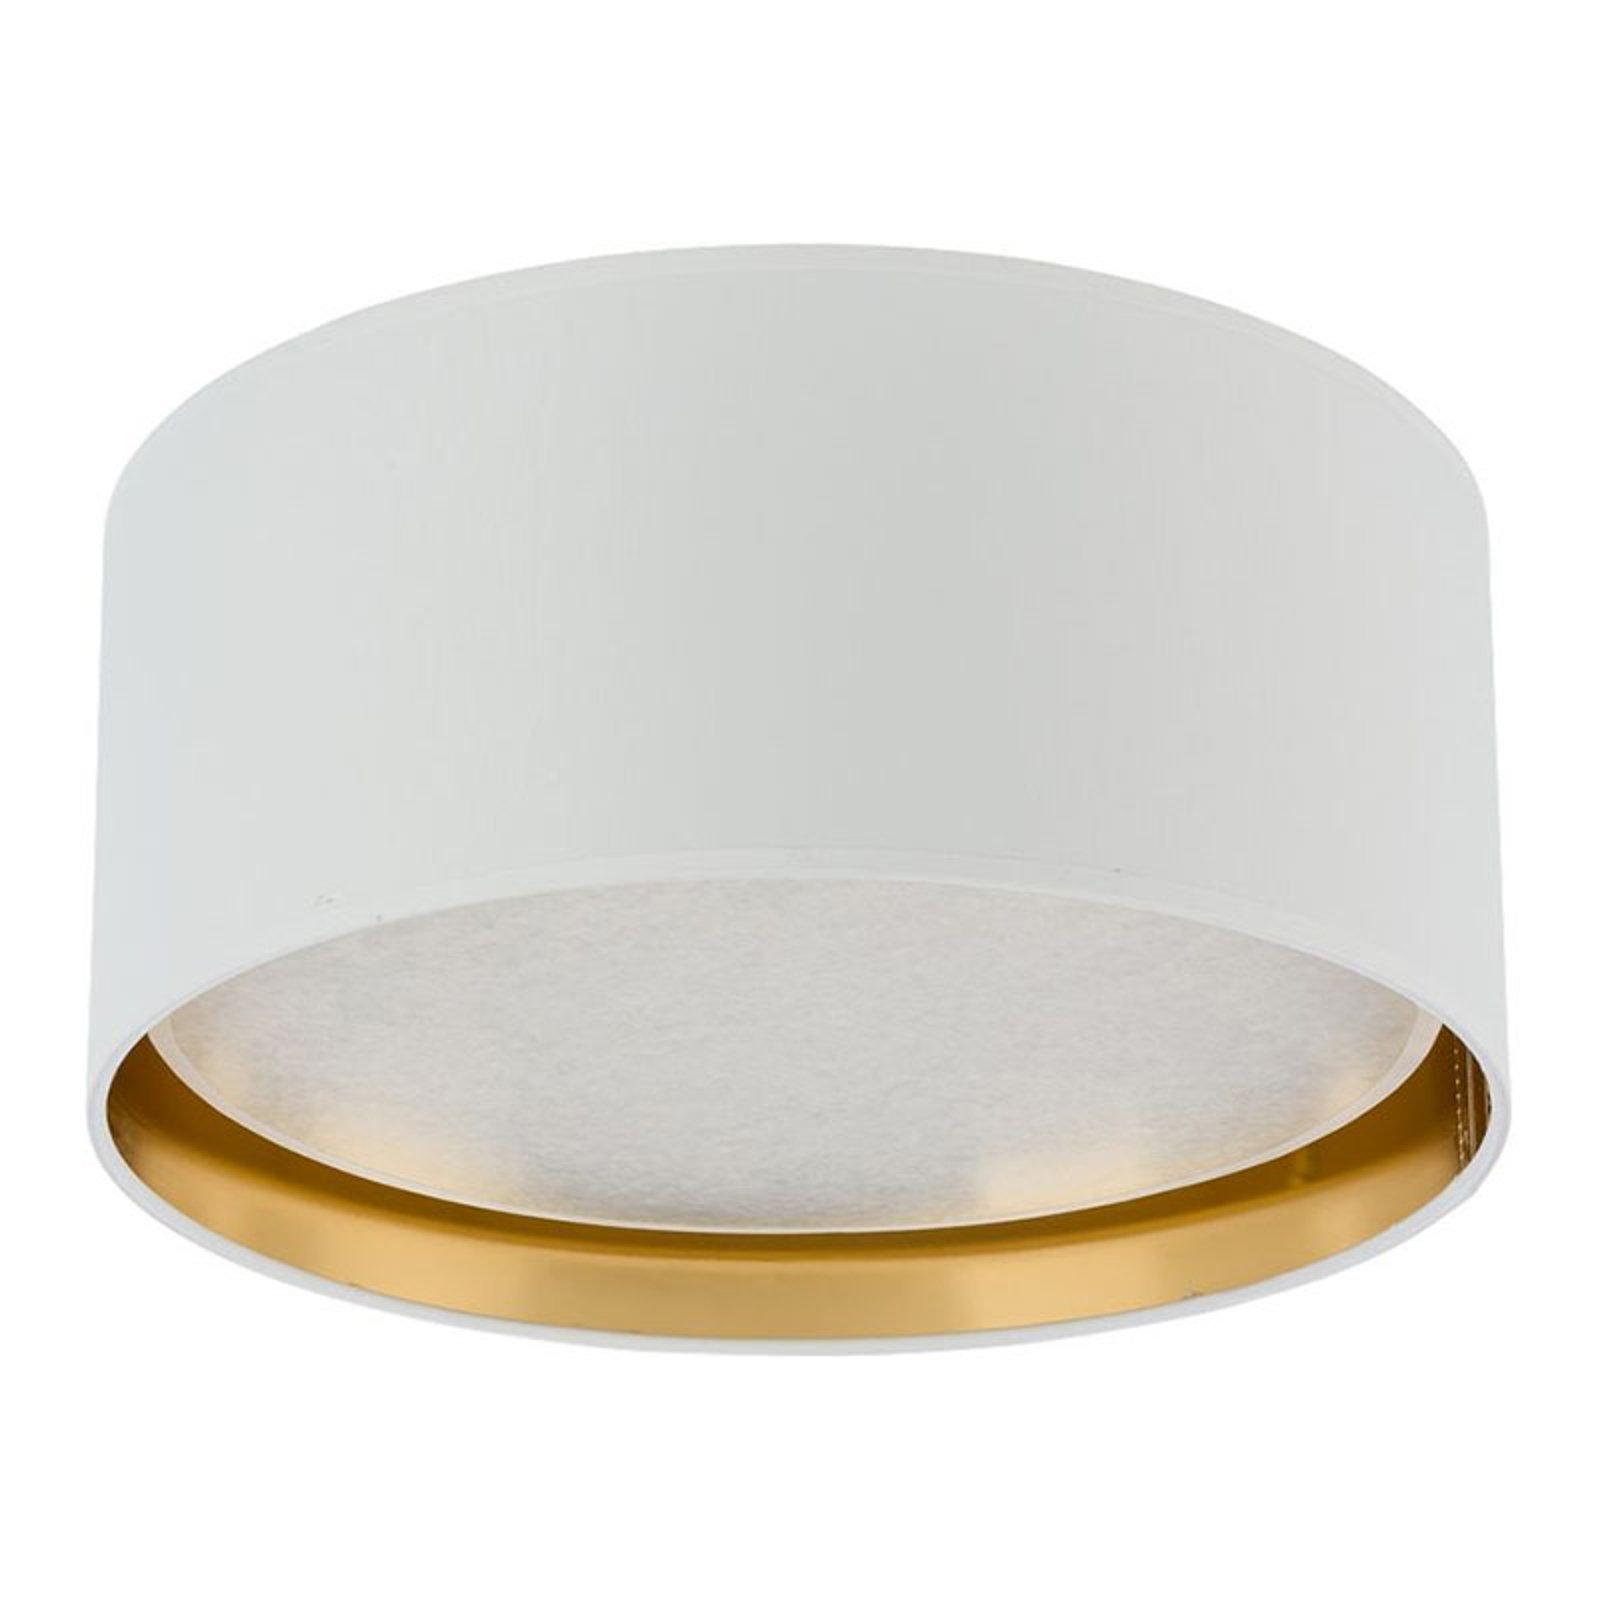 Taklampe Bilbao, Ø 45 cm, hvit/gull